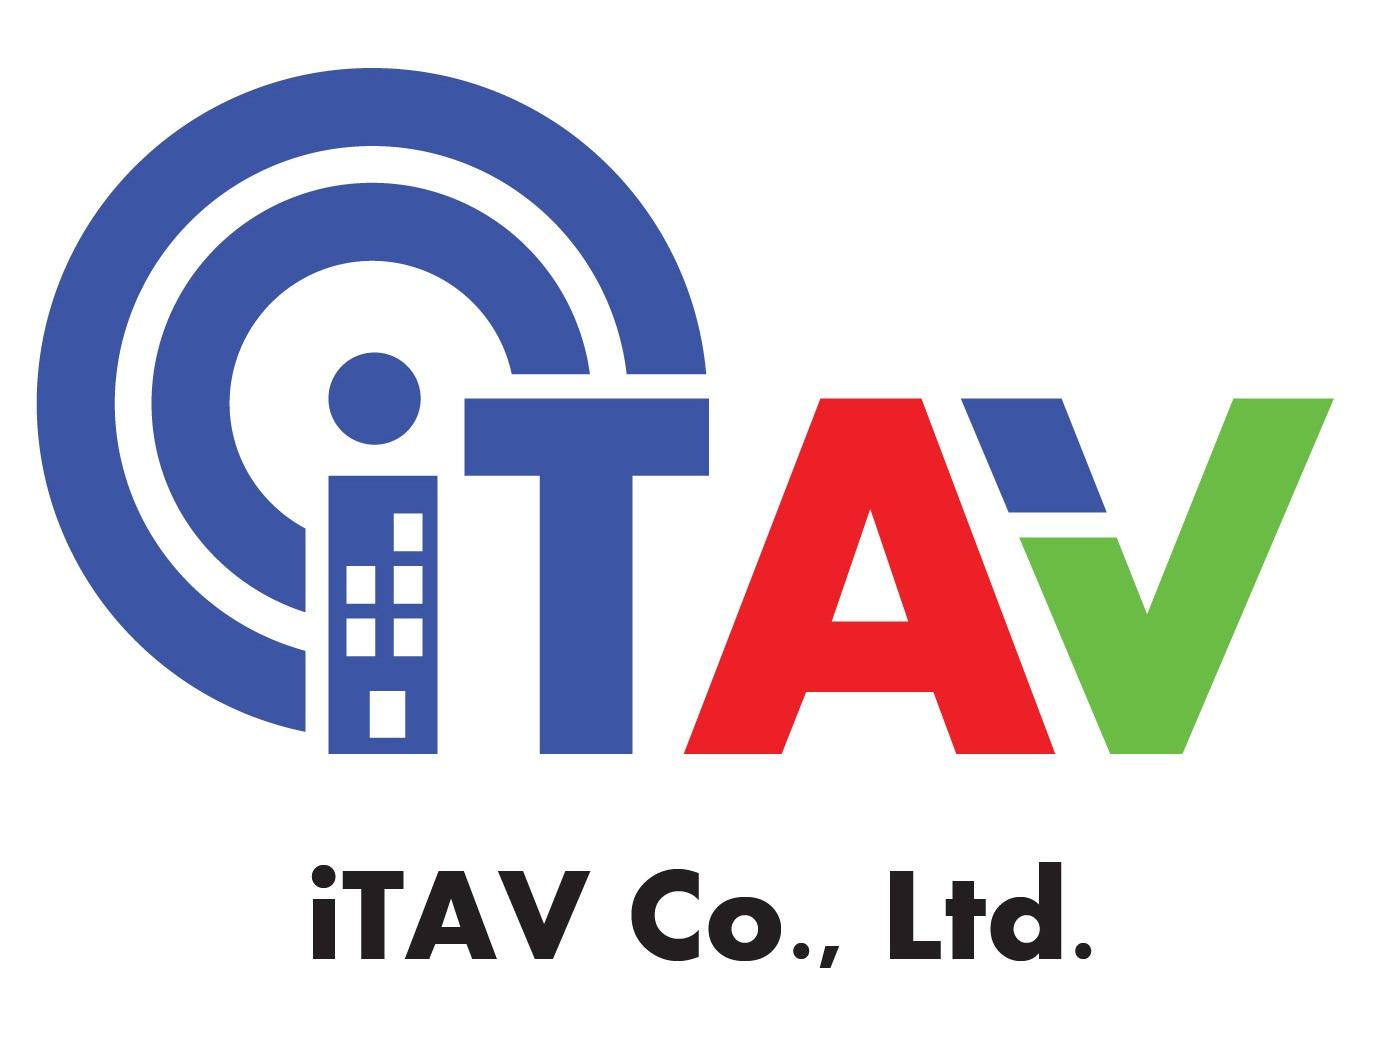 บริษัท ไอทีเอวี จำกัด (iTAV Co., Ltd.)